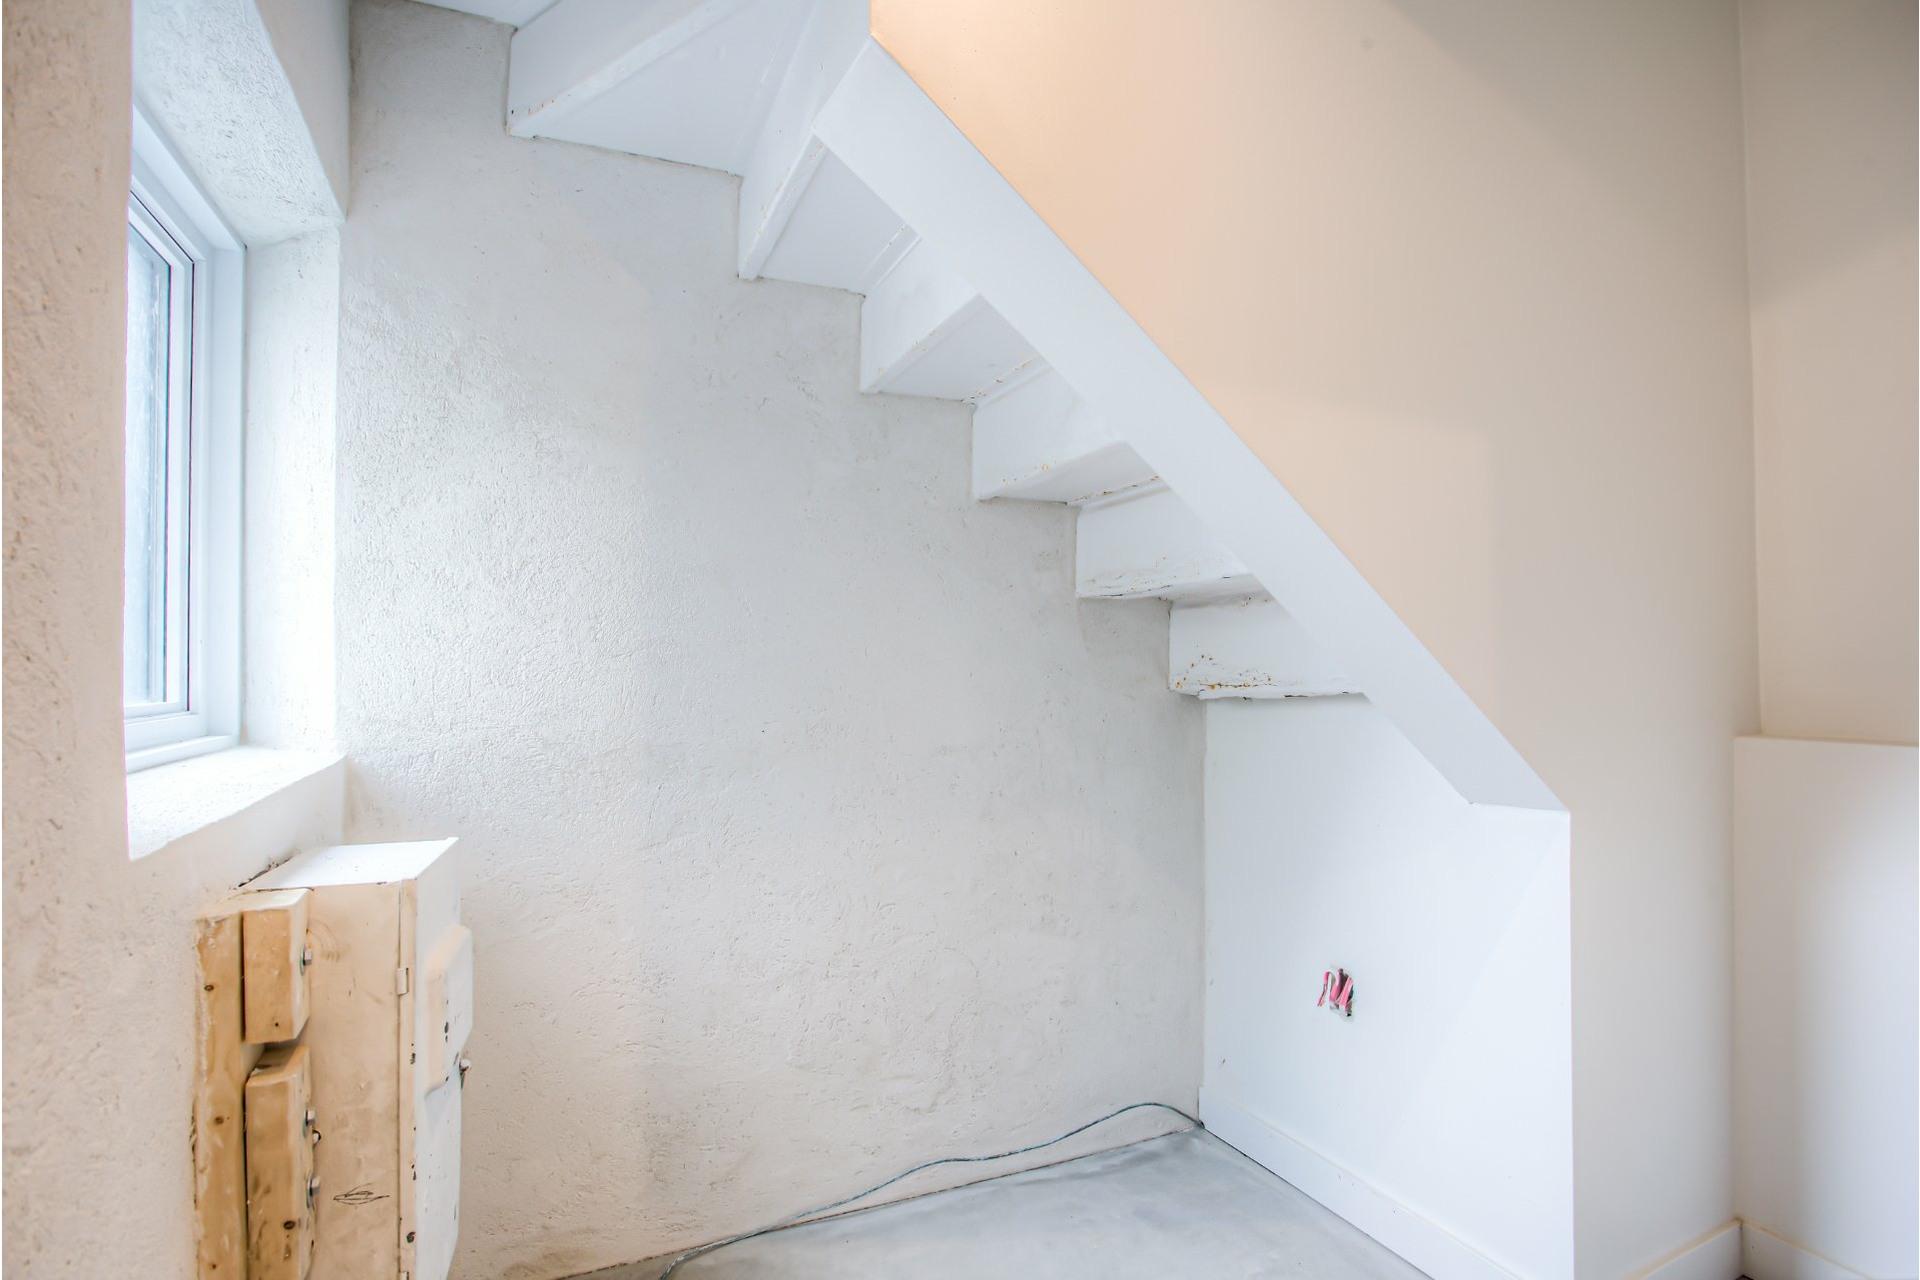 image 26 - Duplex À vendre Mercier/Hochelaga-Maisonneuve Montréal  - 4 pièces